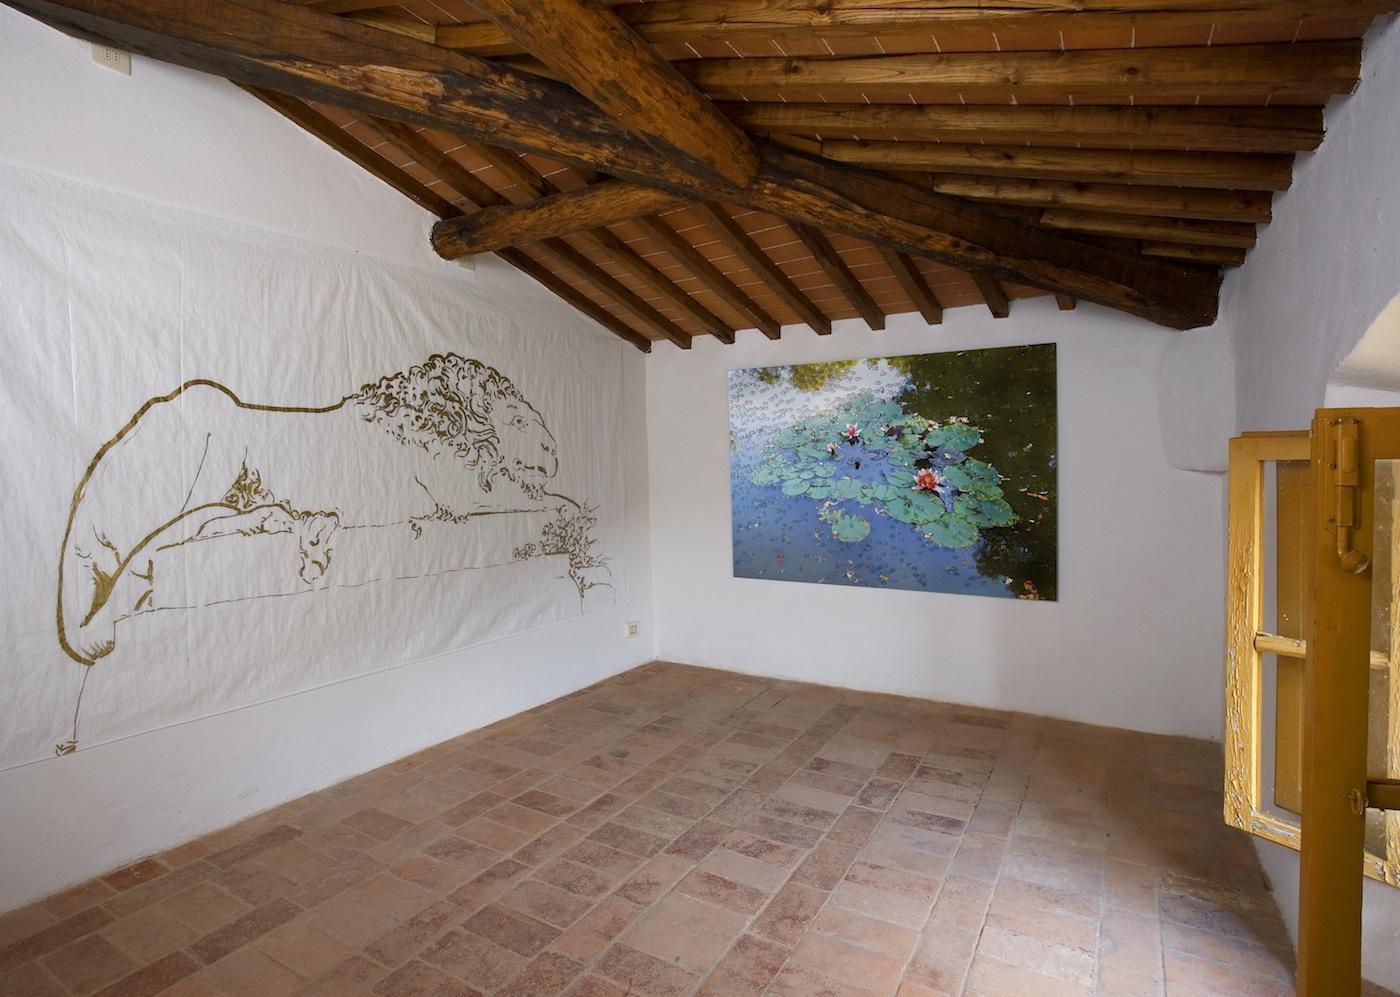 Stefano Arienti, Residenza a Terrarossa, 2016. © Fattoria di Celle - Collezione Gori